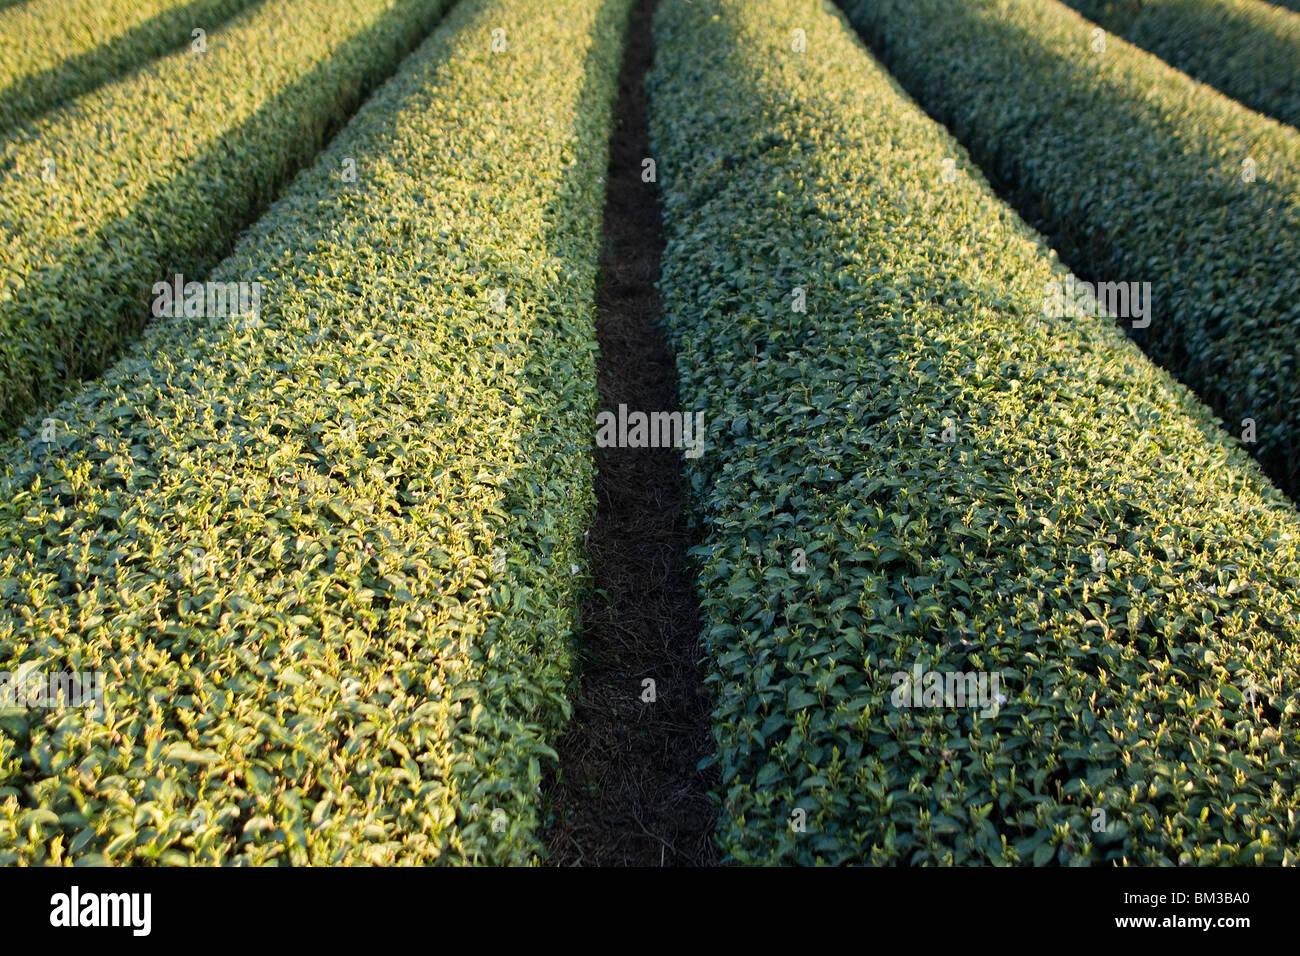 Giapponese del tè verde raccolto Immagini Stock